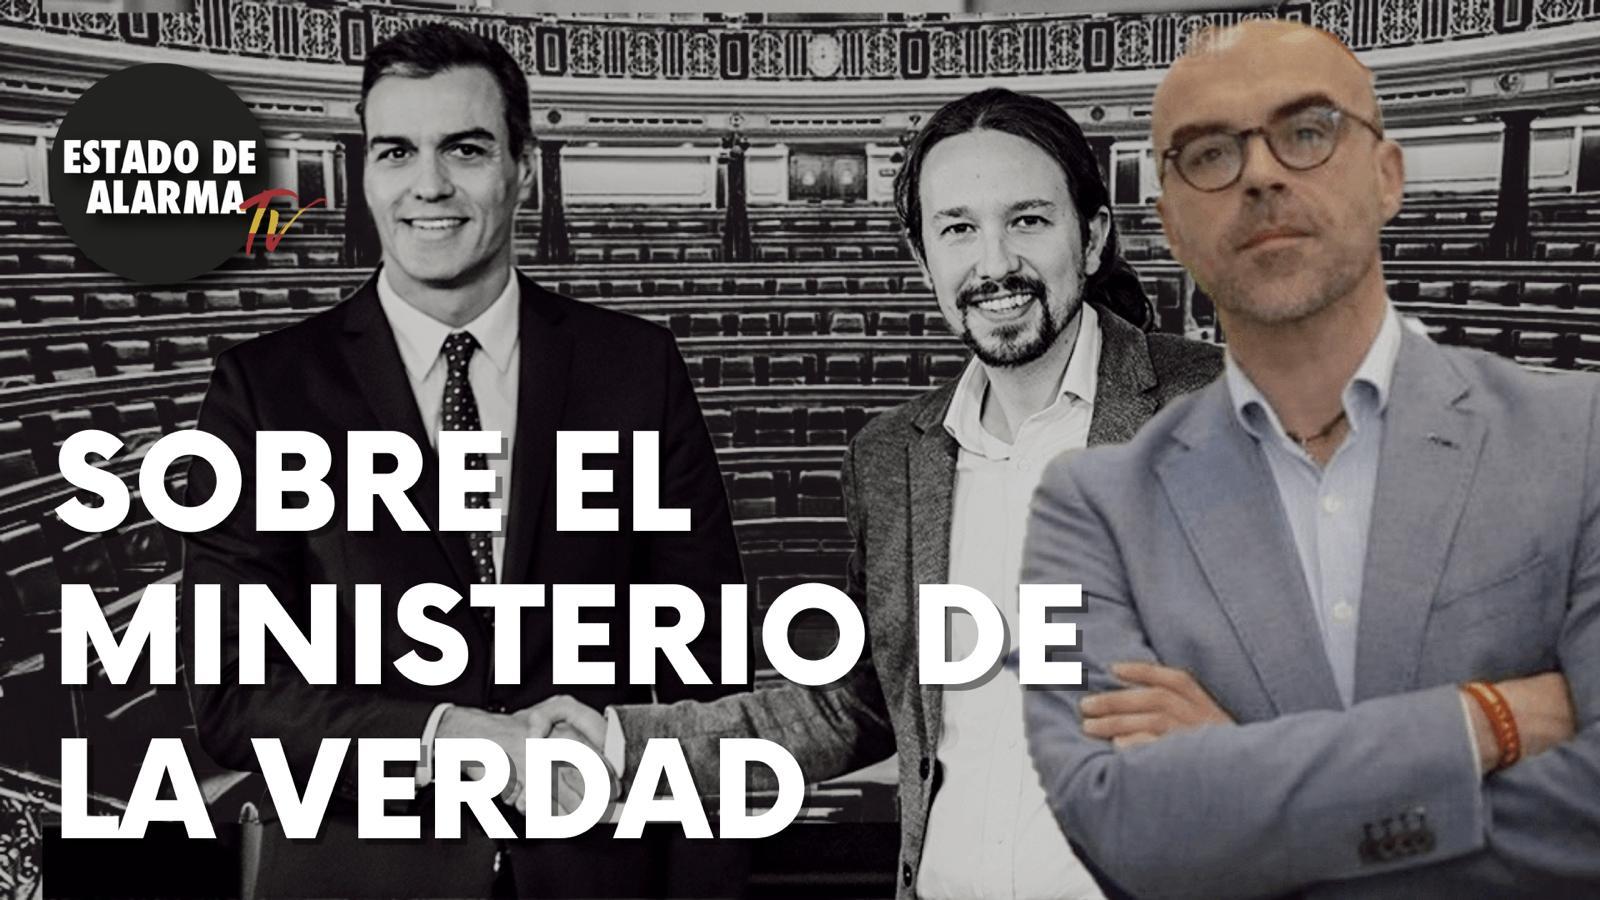 BUXADE denuncia en el parlamento EUROPEO la CENSURA MEDIÁTICA de ESPAÑA